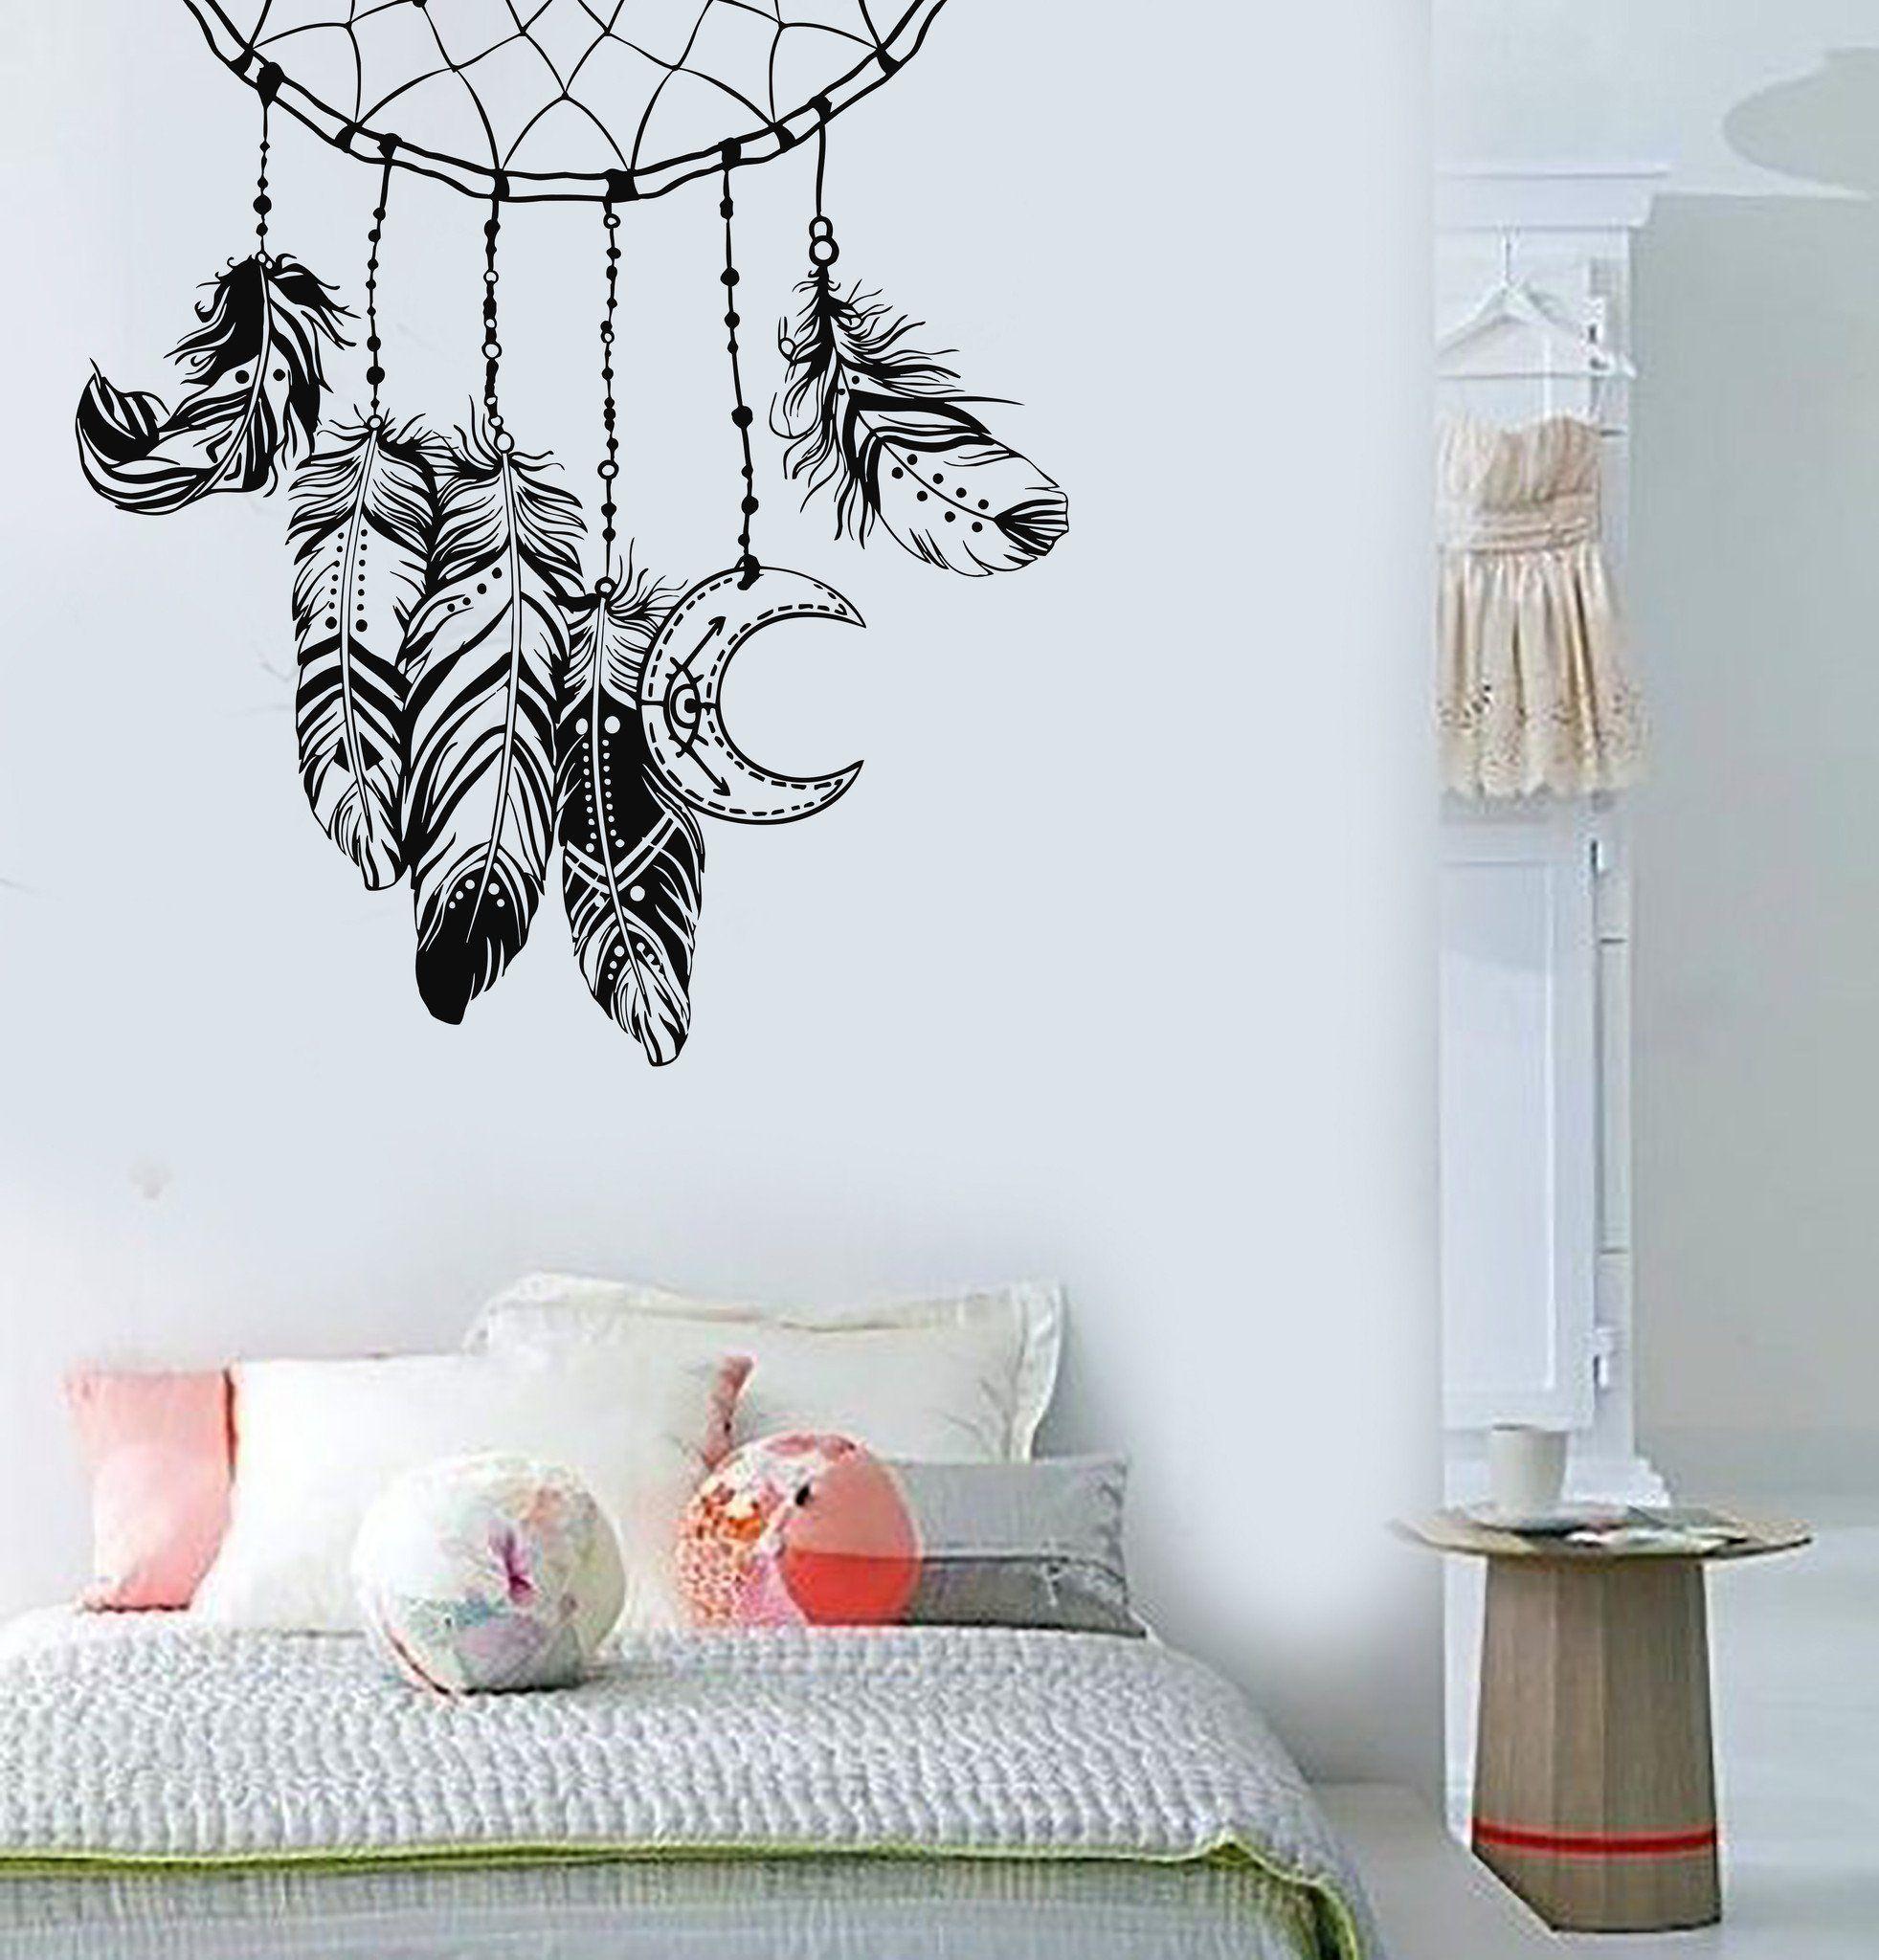 Vinyl Wall Decal Dreamcatcher Feathers Bedroom Design ...